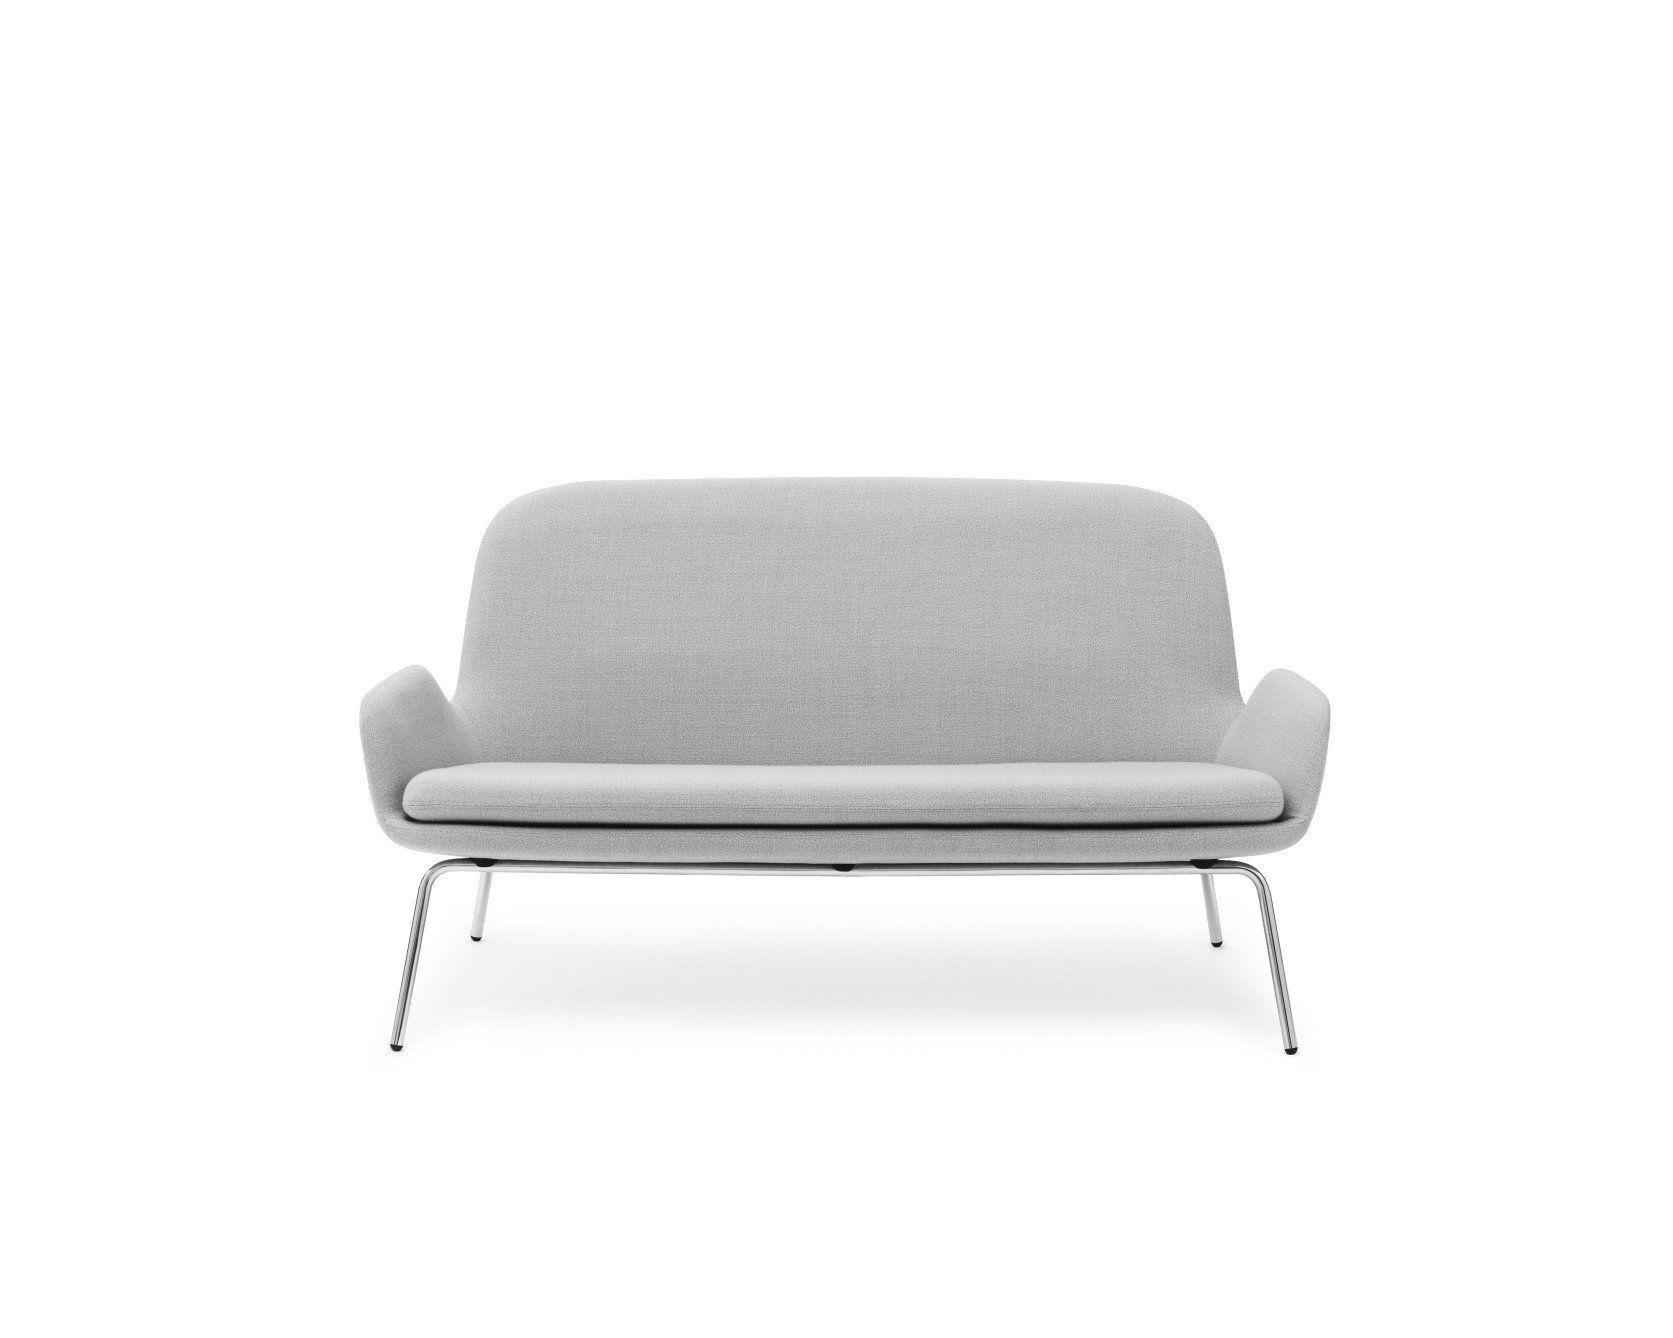 Sofa Kopenhagen normankopenhagenloungechair normankopenhagenmöbel